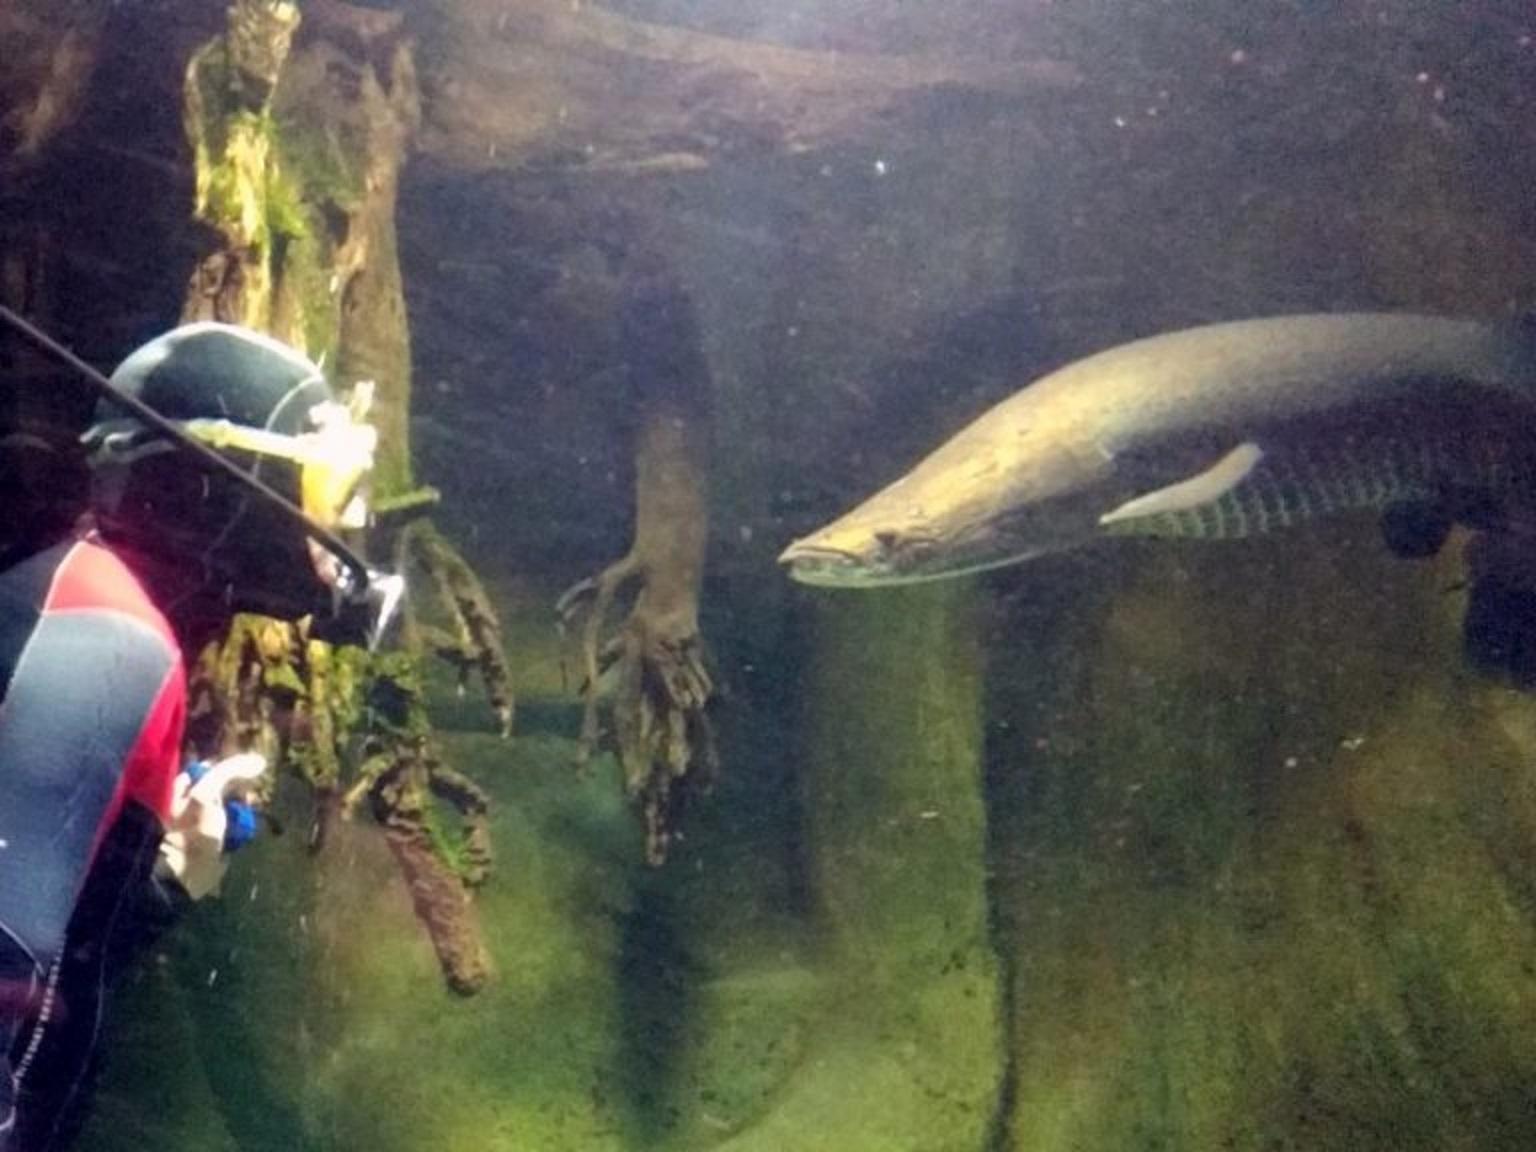 ryba i nurek naprzeciw siebie